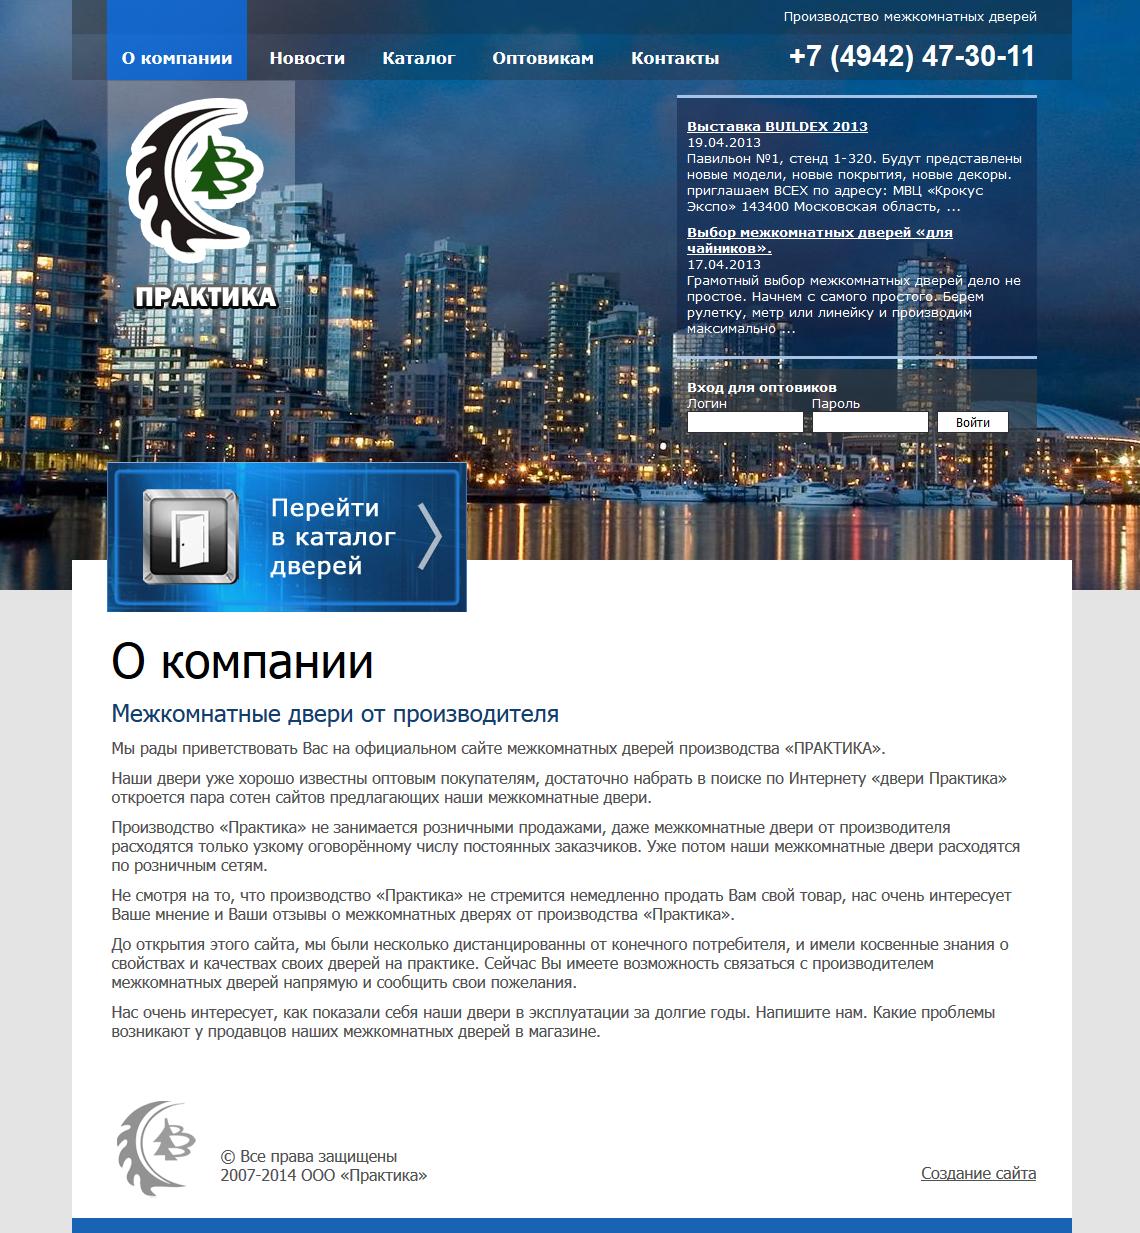 вск инвест компания официальный сайт